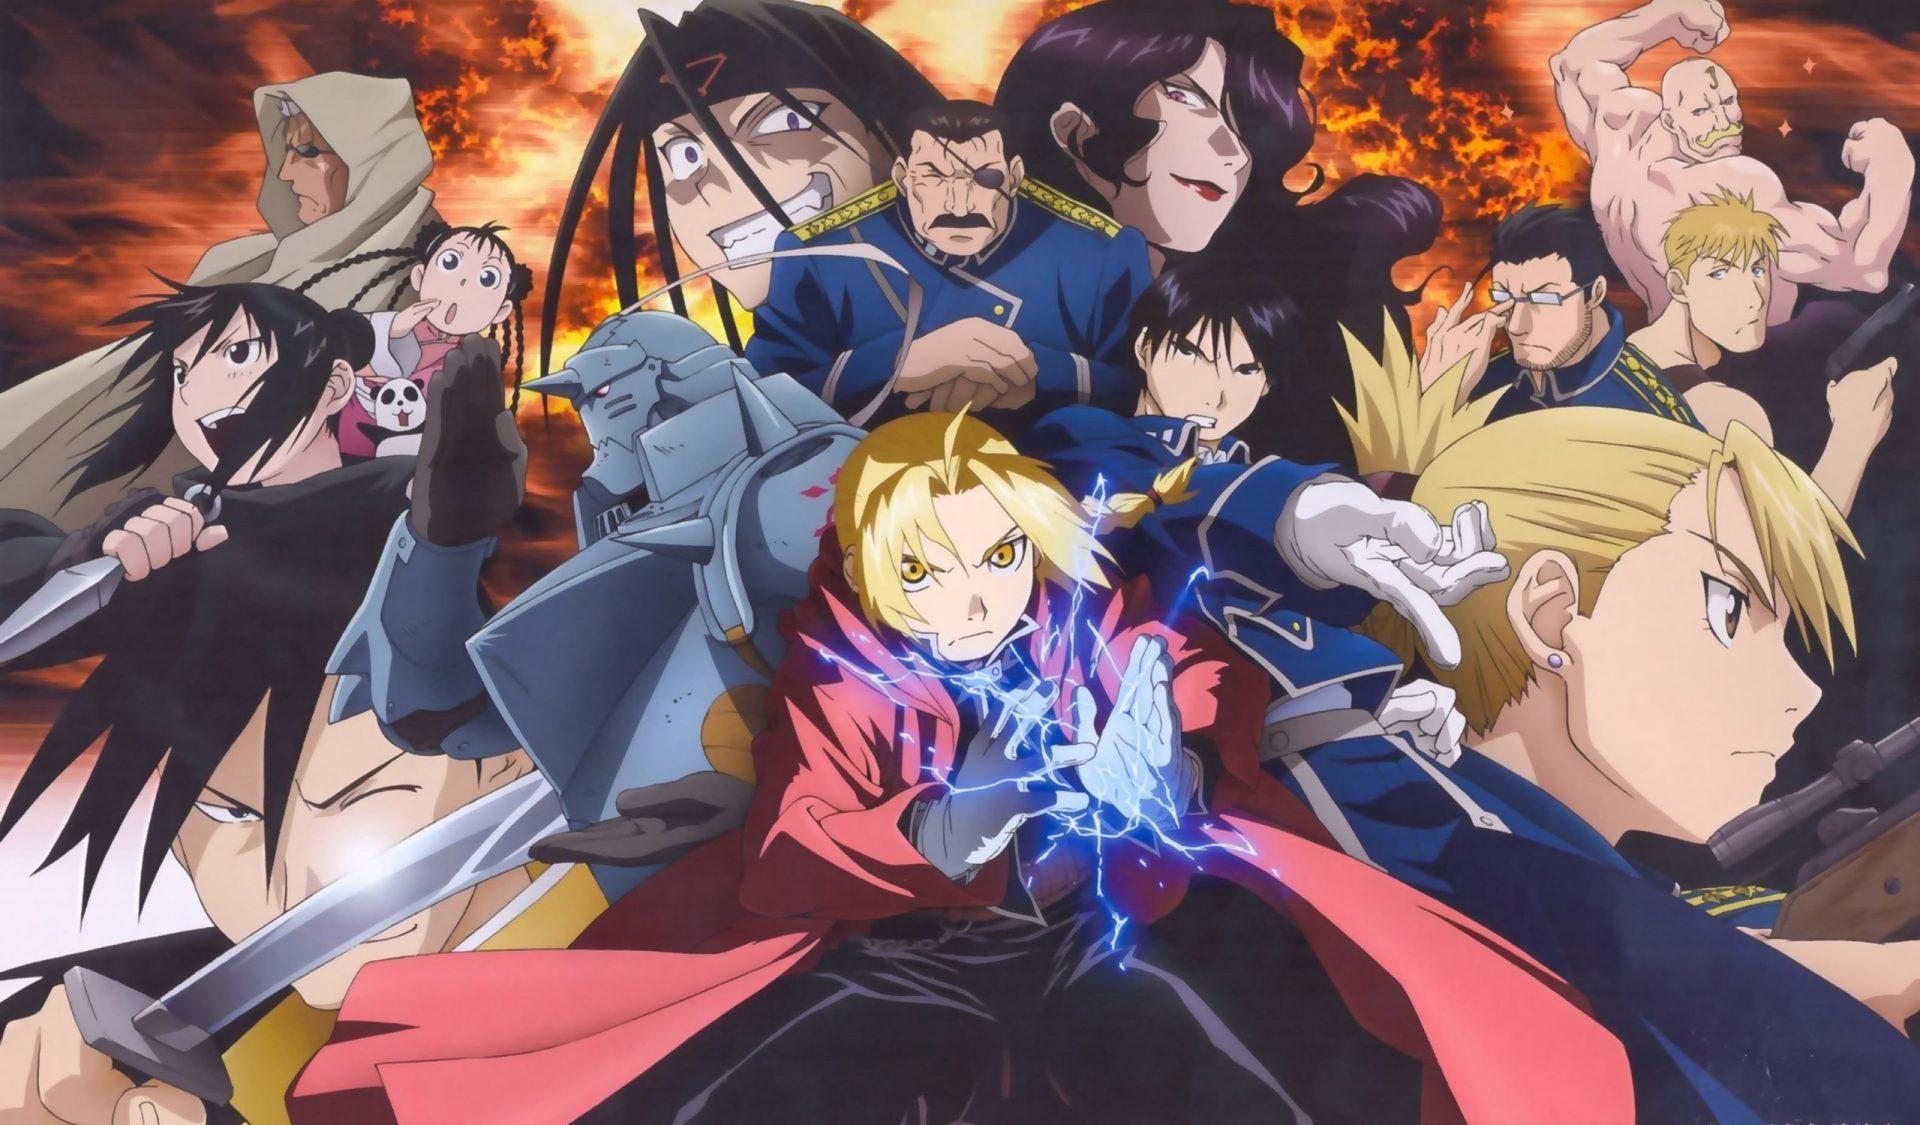 fullmetal alchemist, brotherhood, anime, manga,